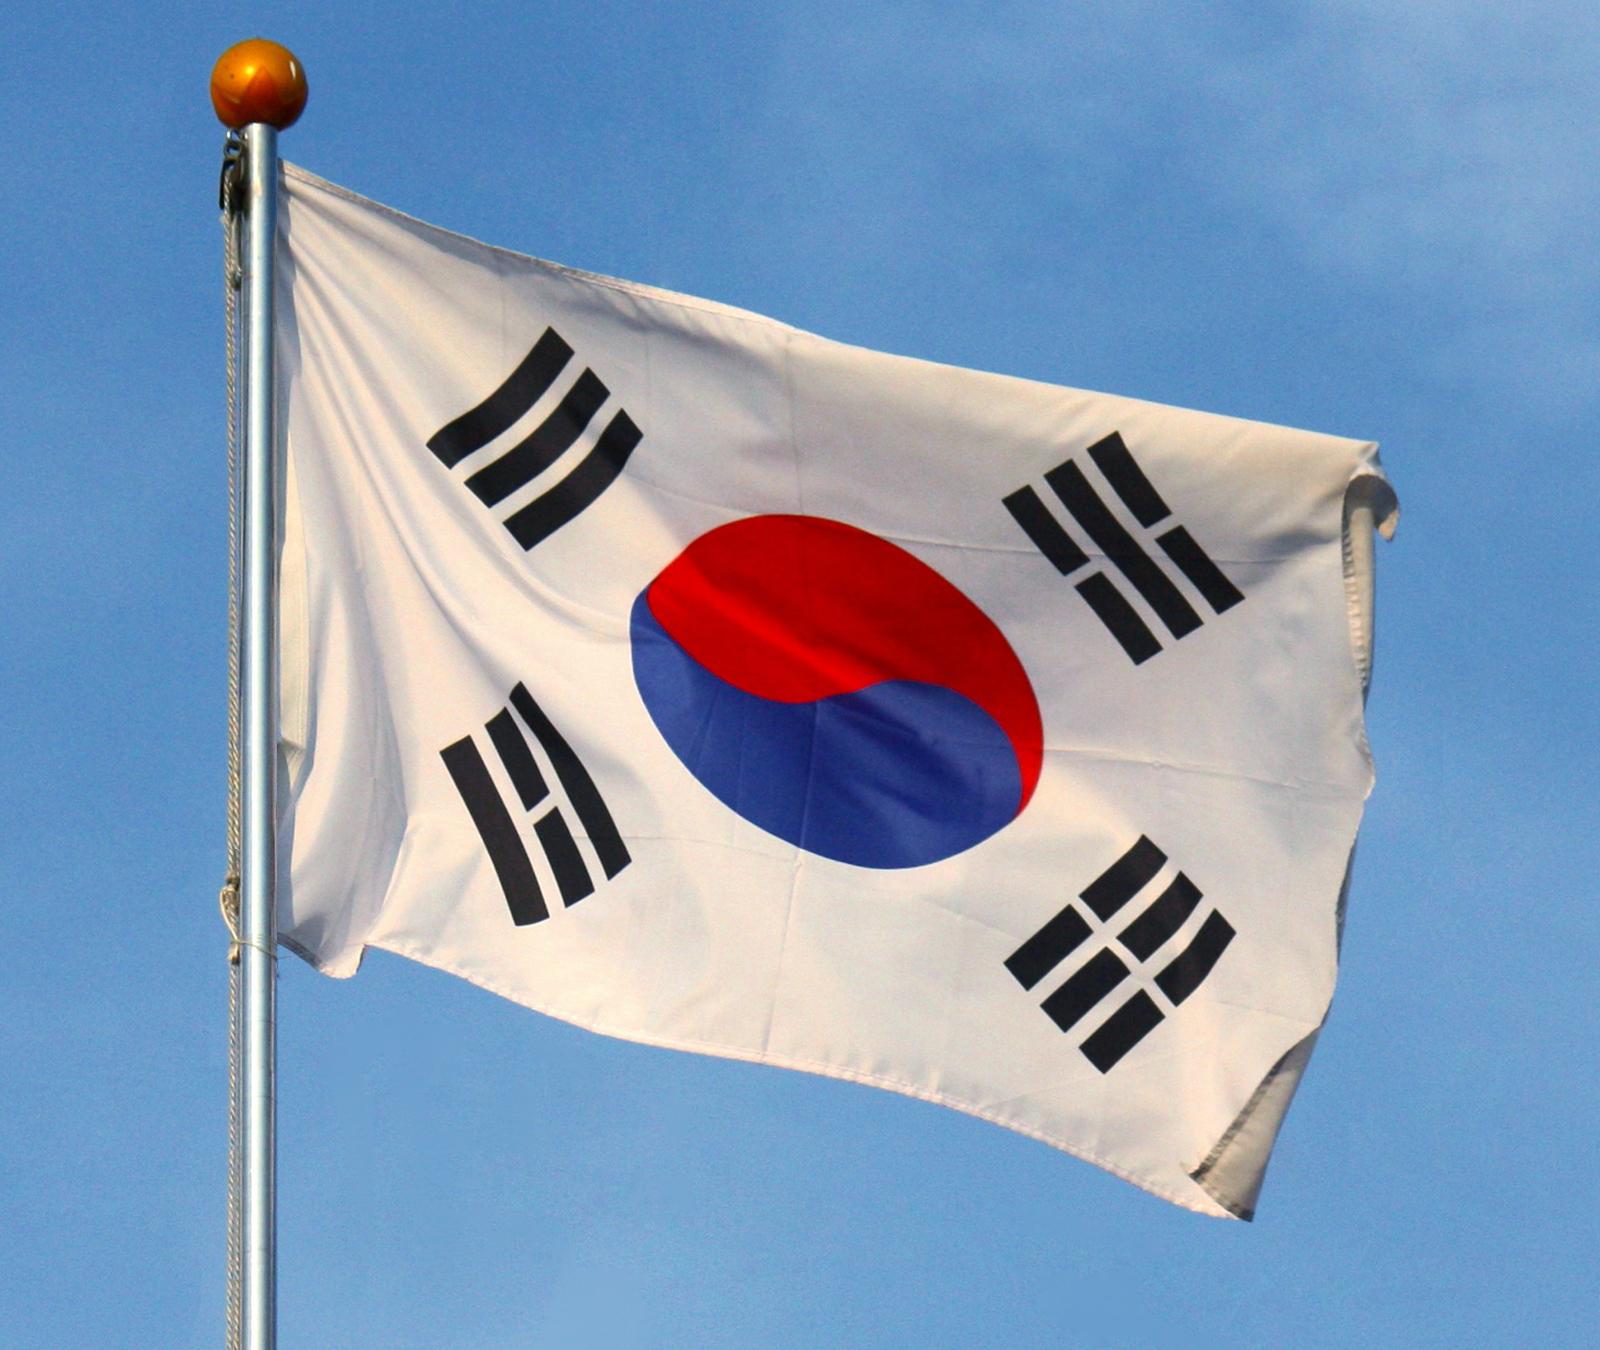 Buscarán ampliar el uso del sistema de identificación digital descentralizado impulsado por blockchain en Corea del Sur como plan tras la pandemia